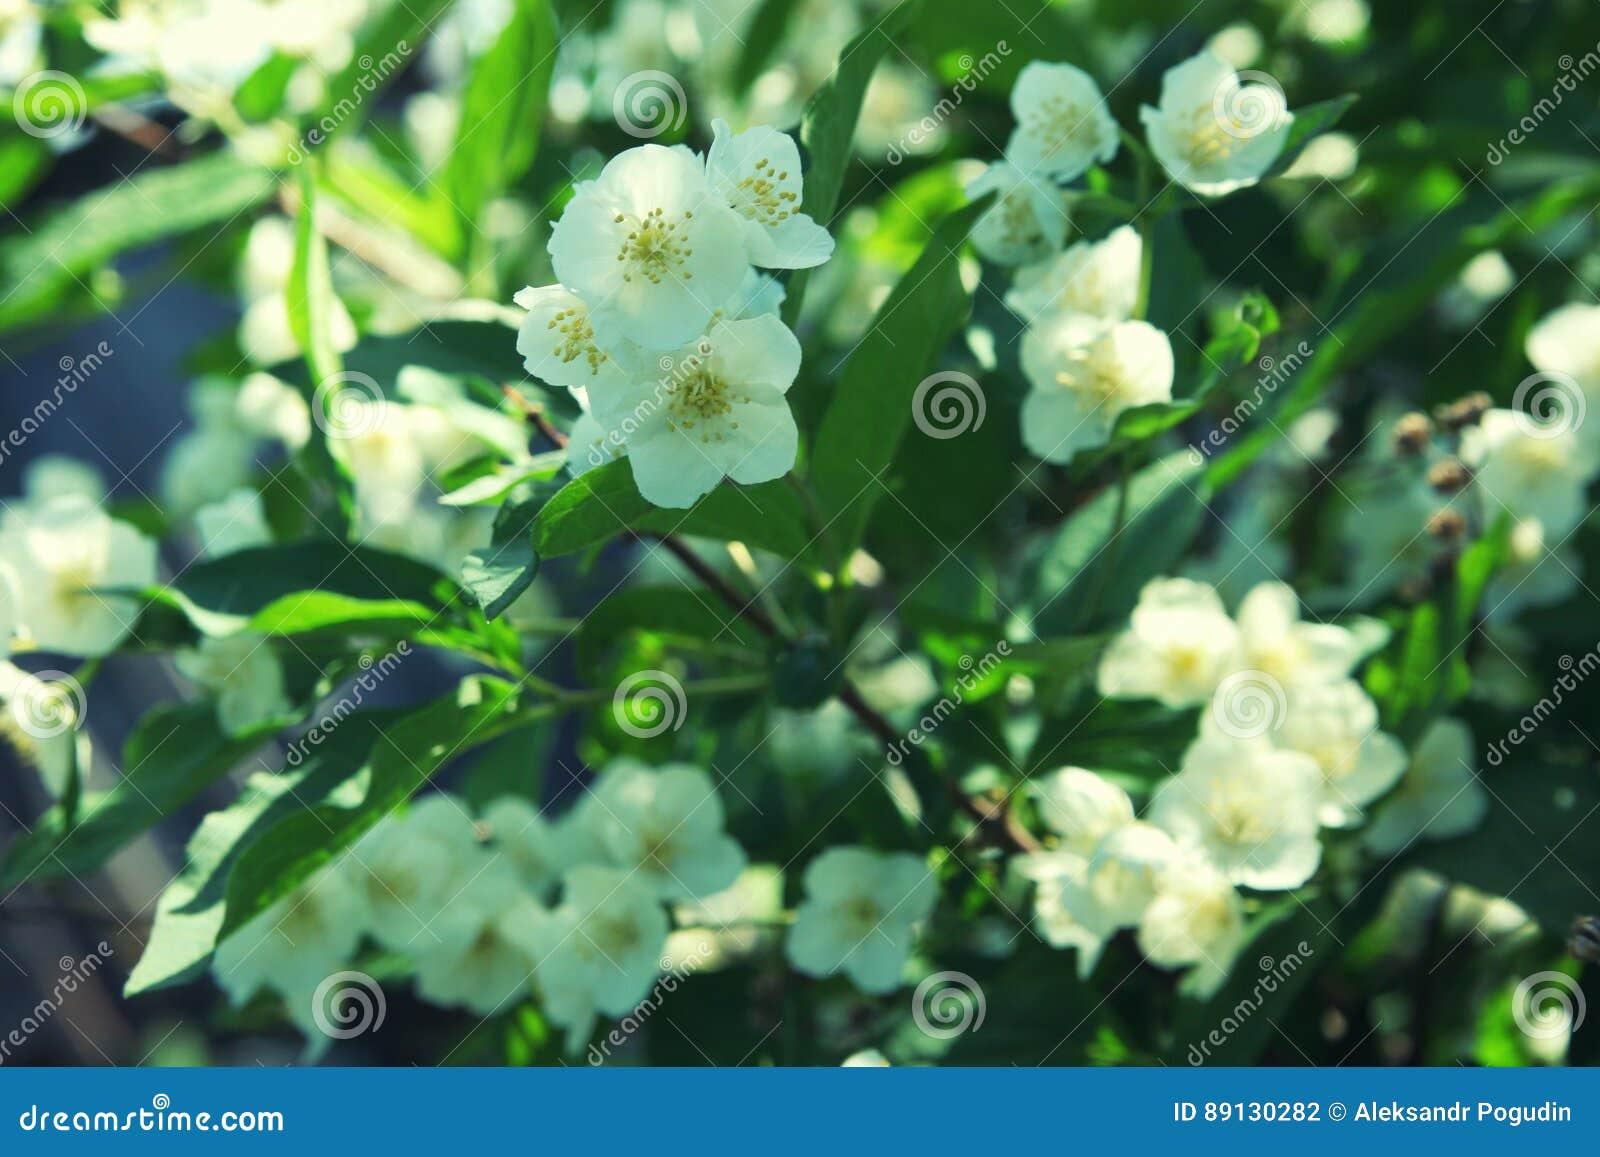 les fleurs blanches de la fin d'arbuste de jasmin photo stock